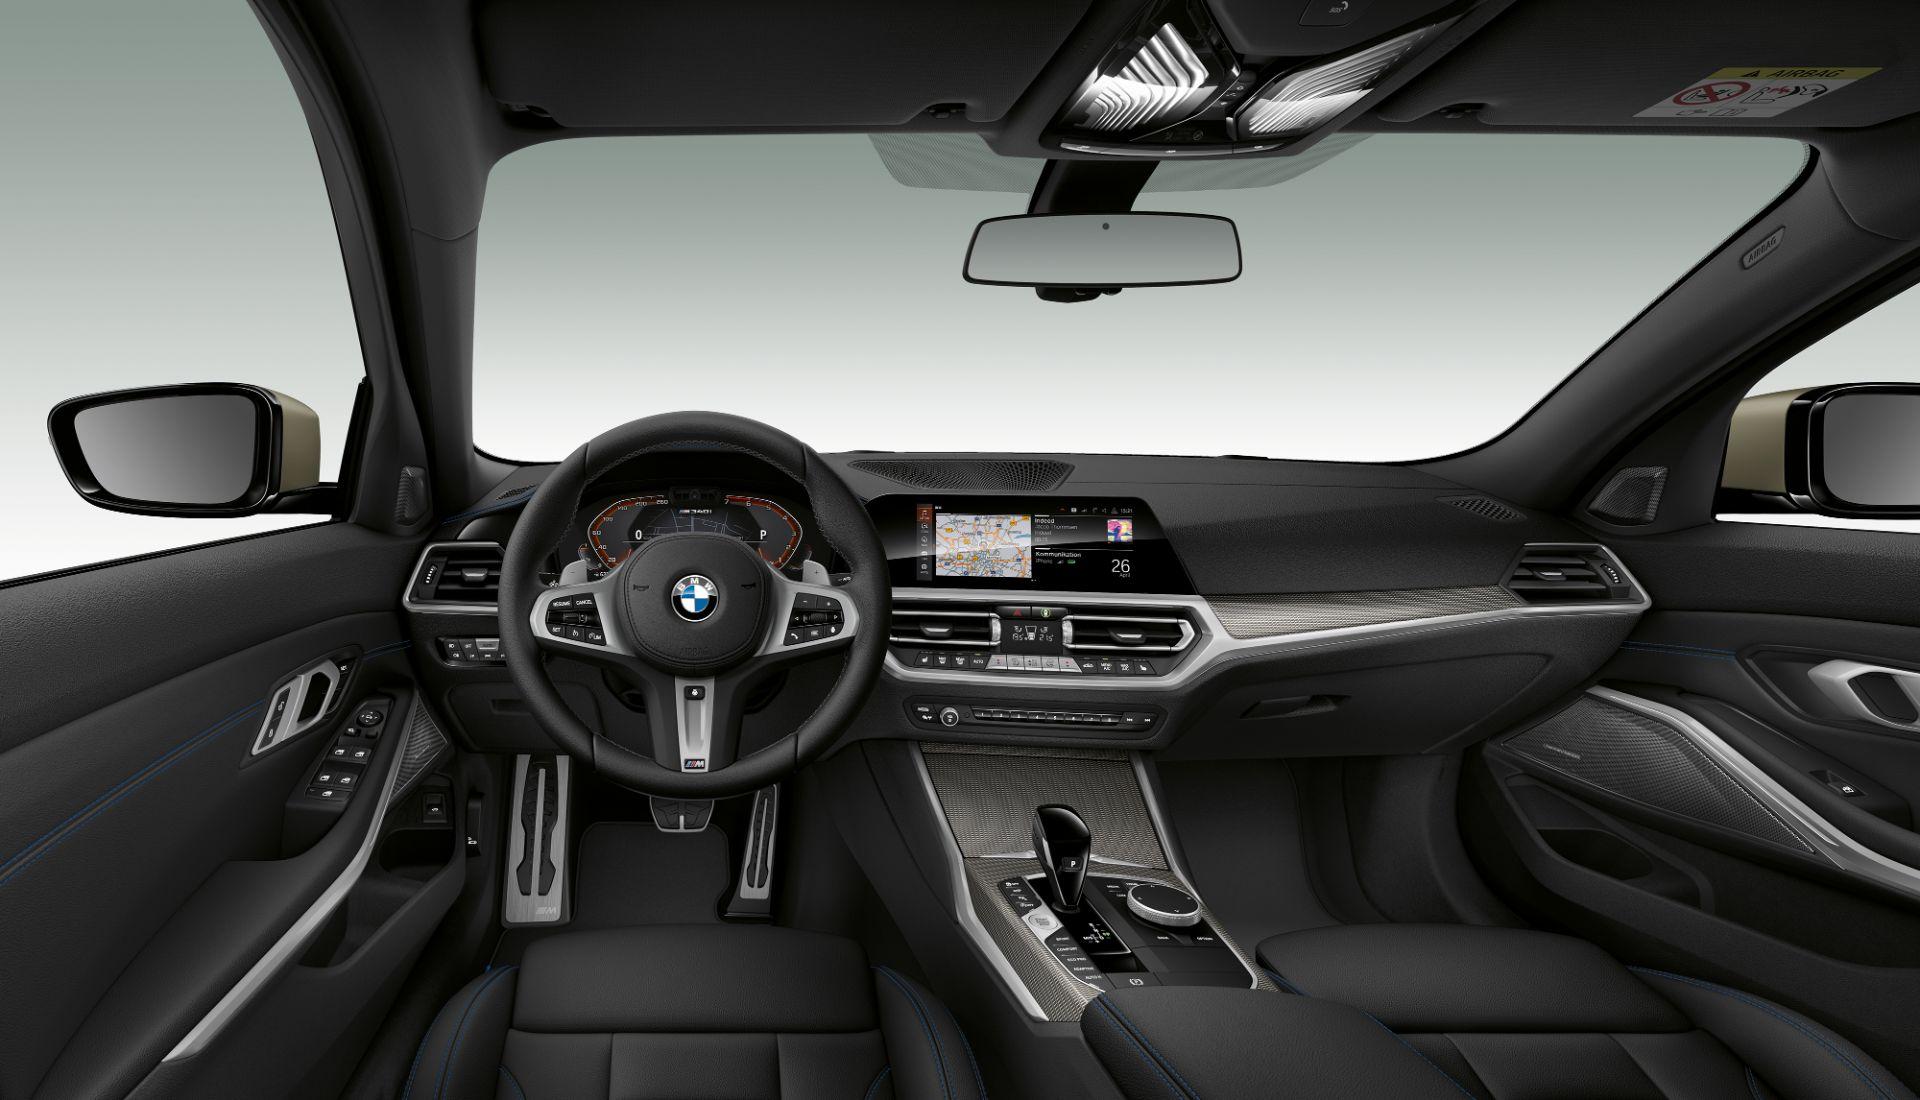 bmw m340i xdrive interior painel acabamento preto